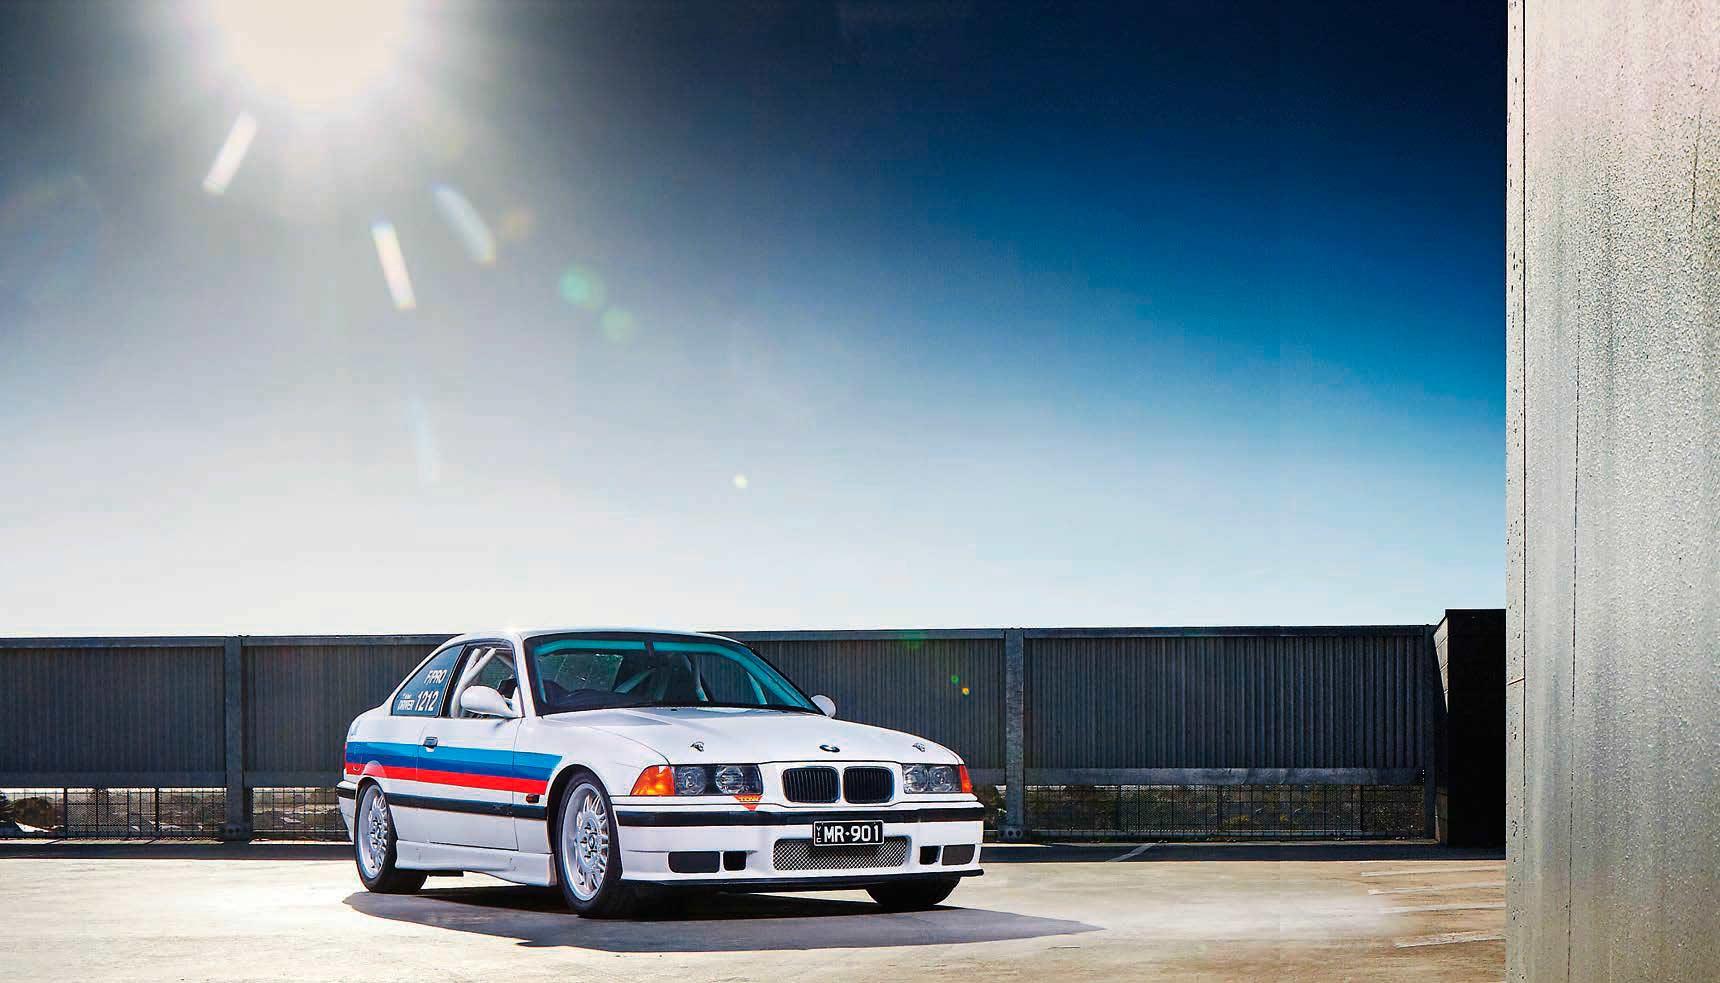 Superior The Worldu0027s Fastest BMW M3 E36